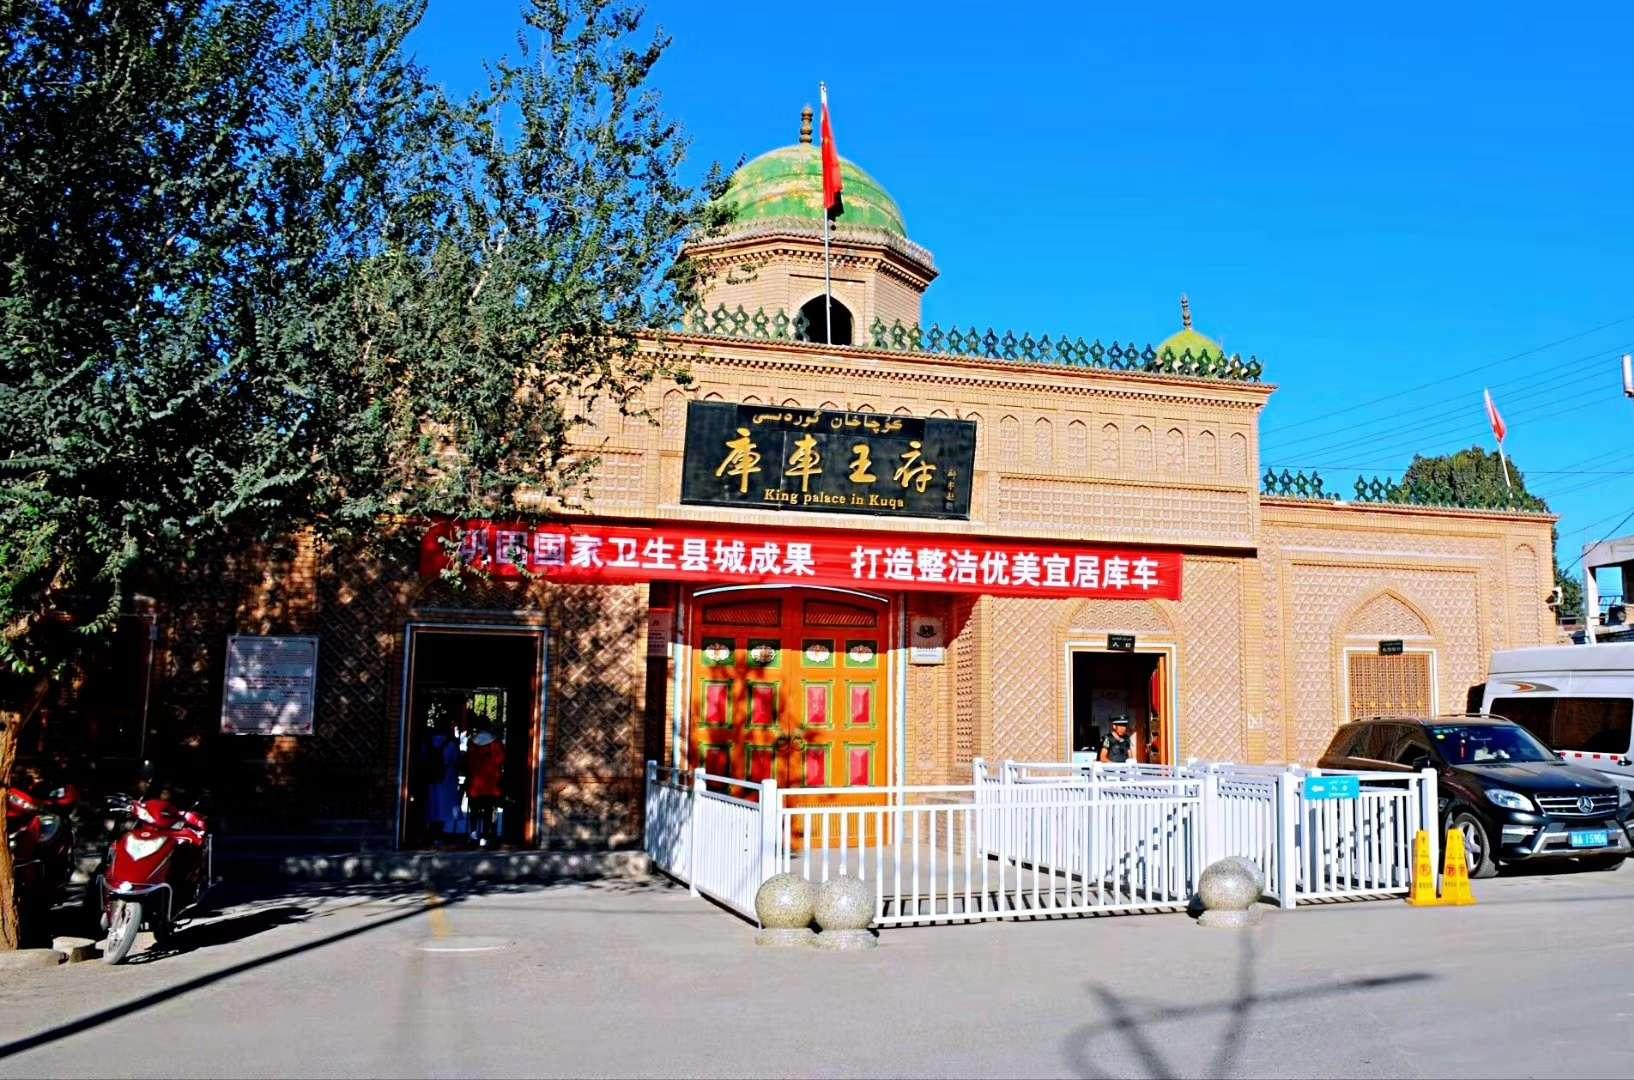 郴州市博物馆